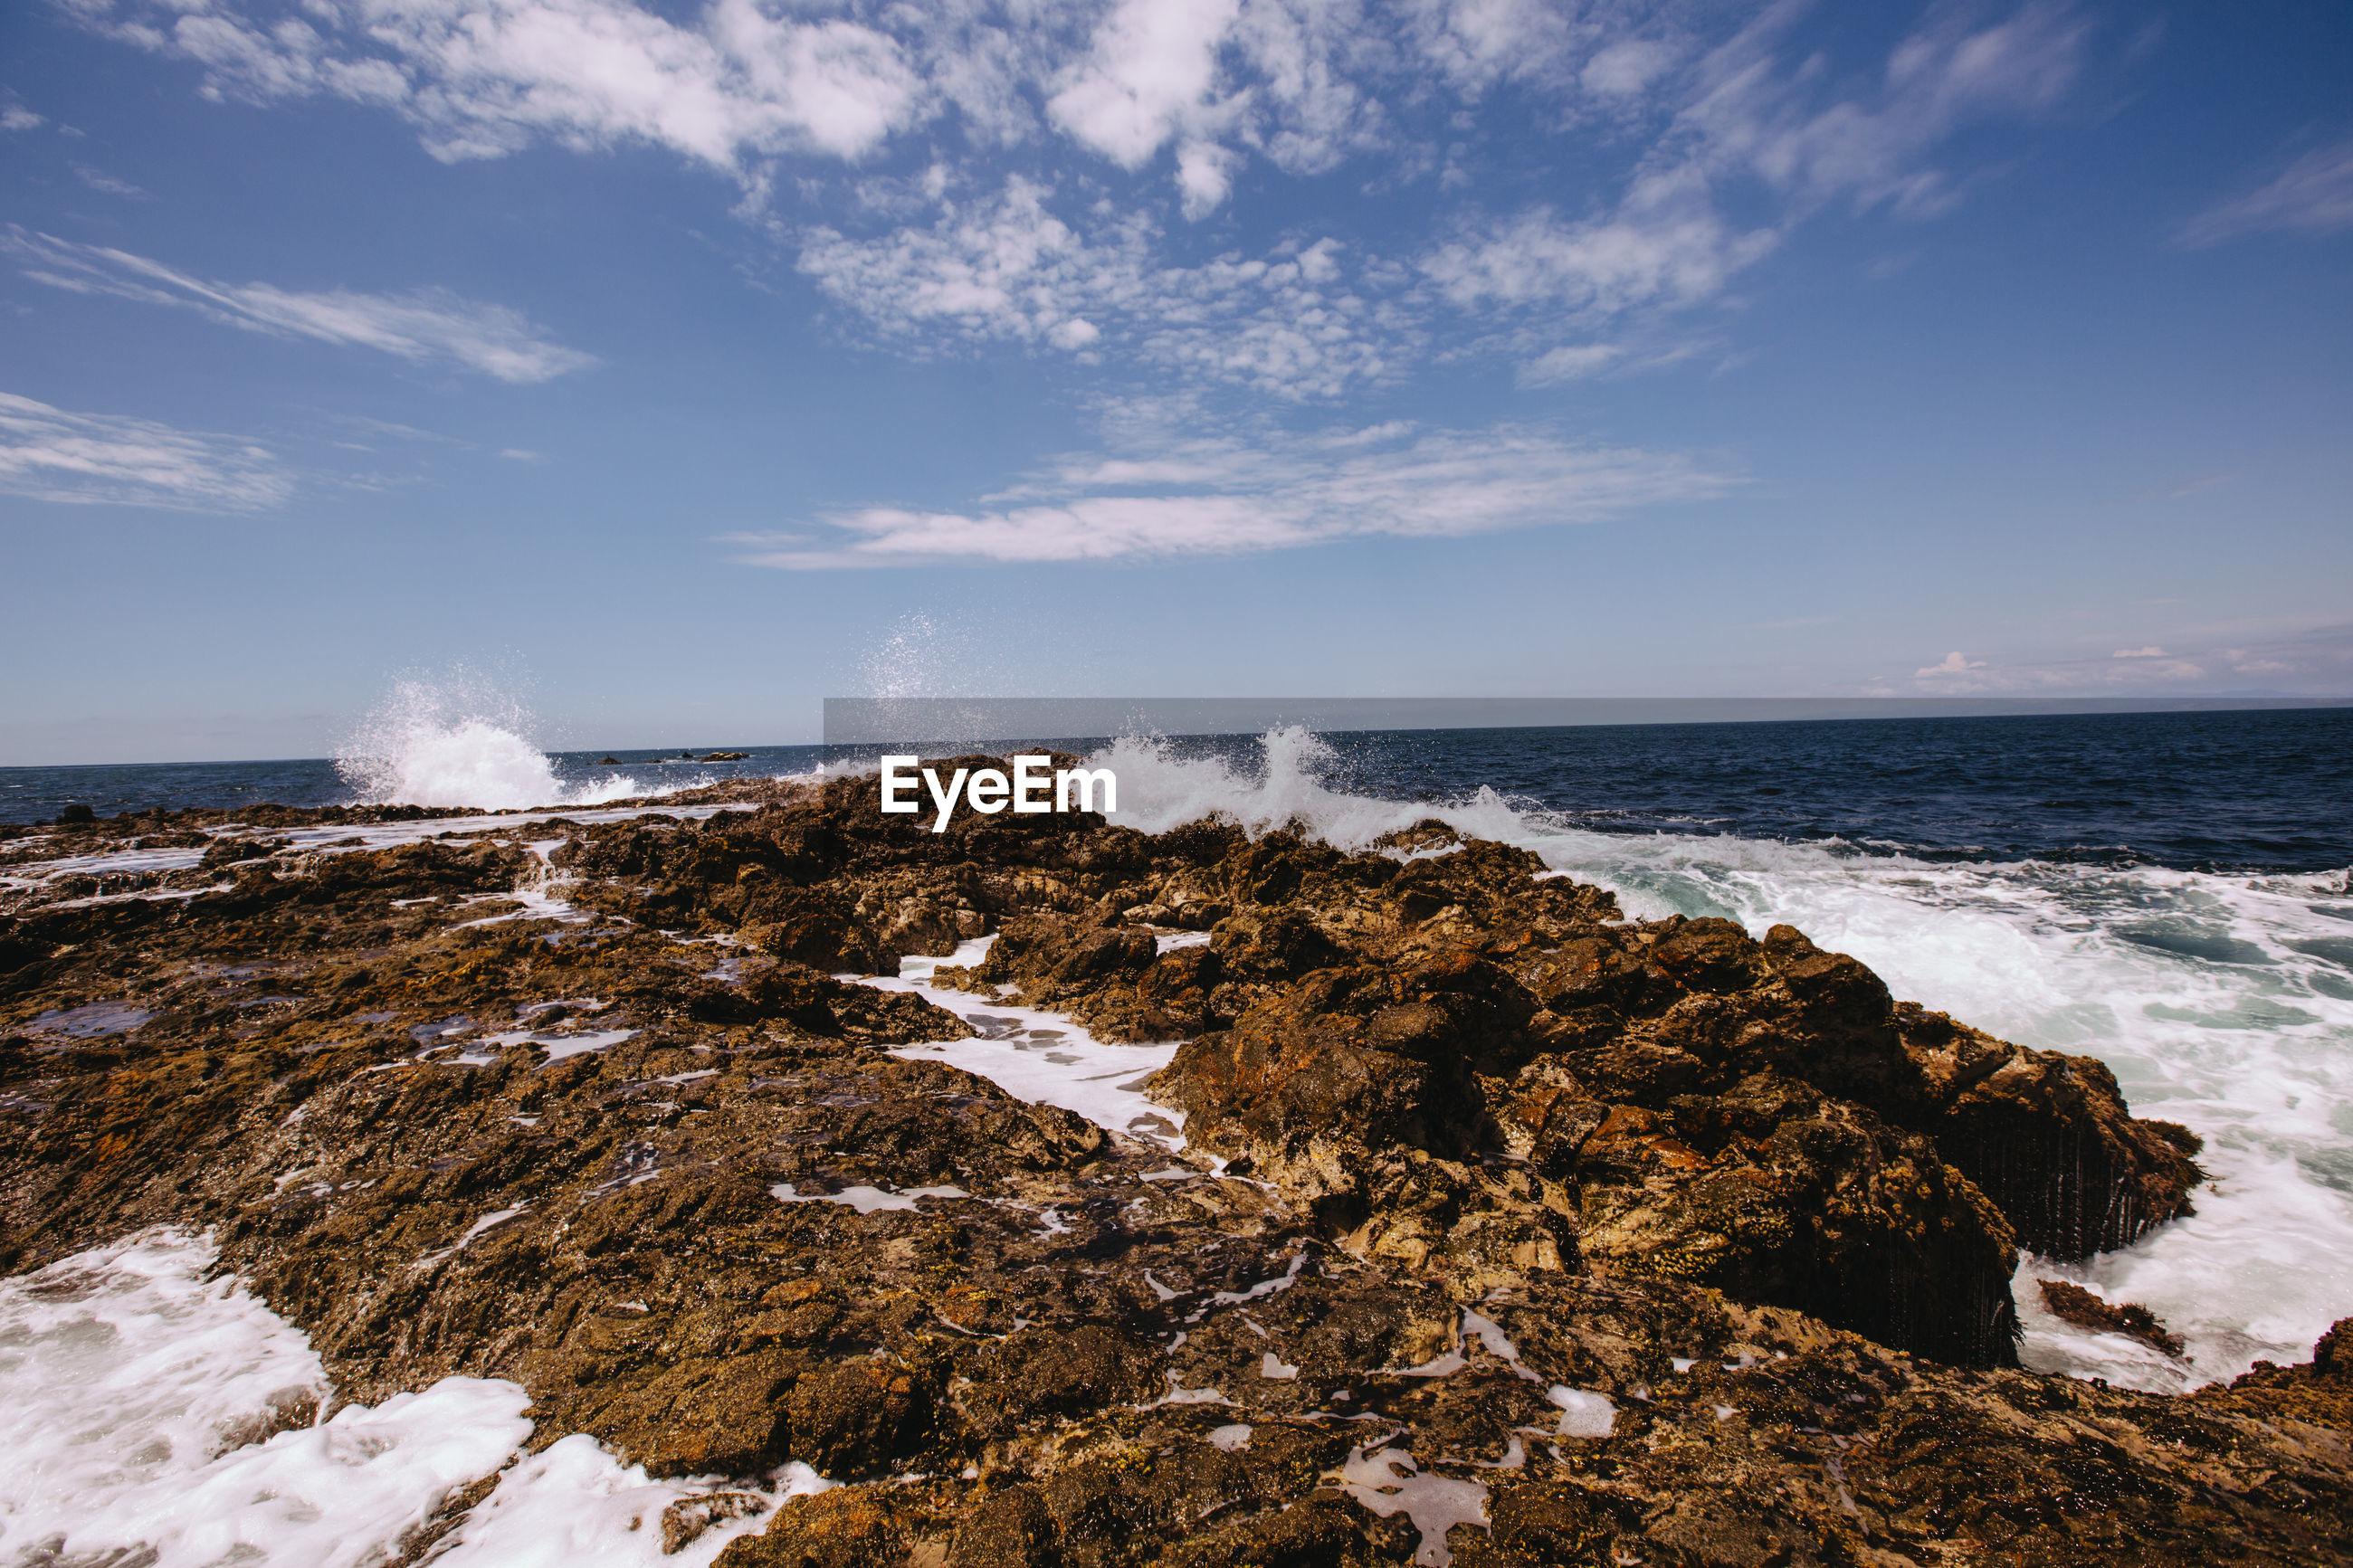 A blue sky, and crashing waves